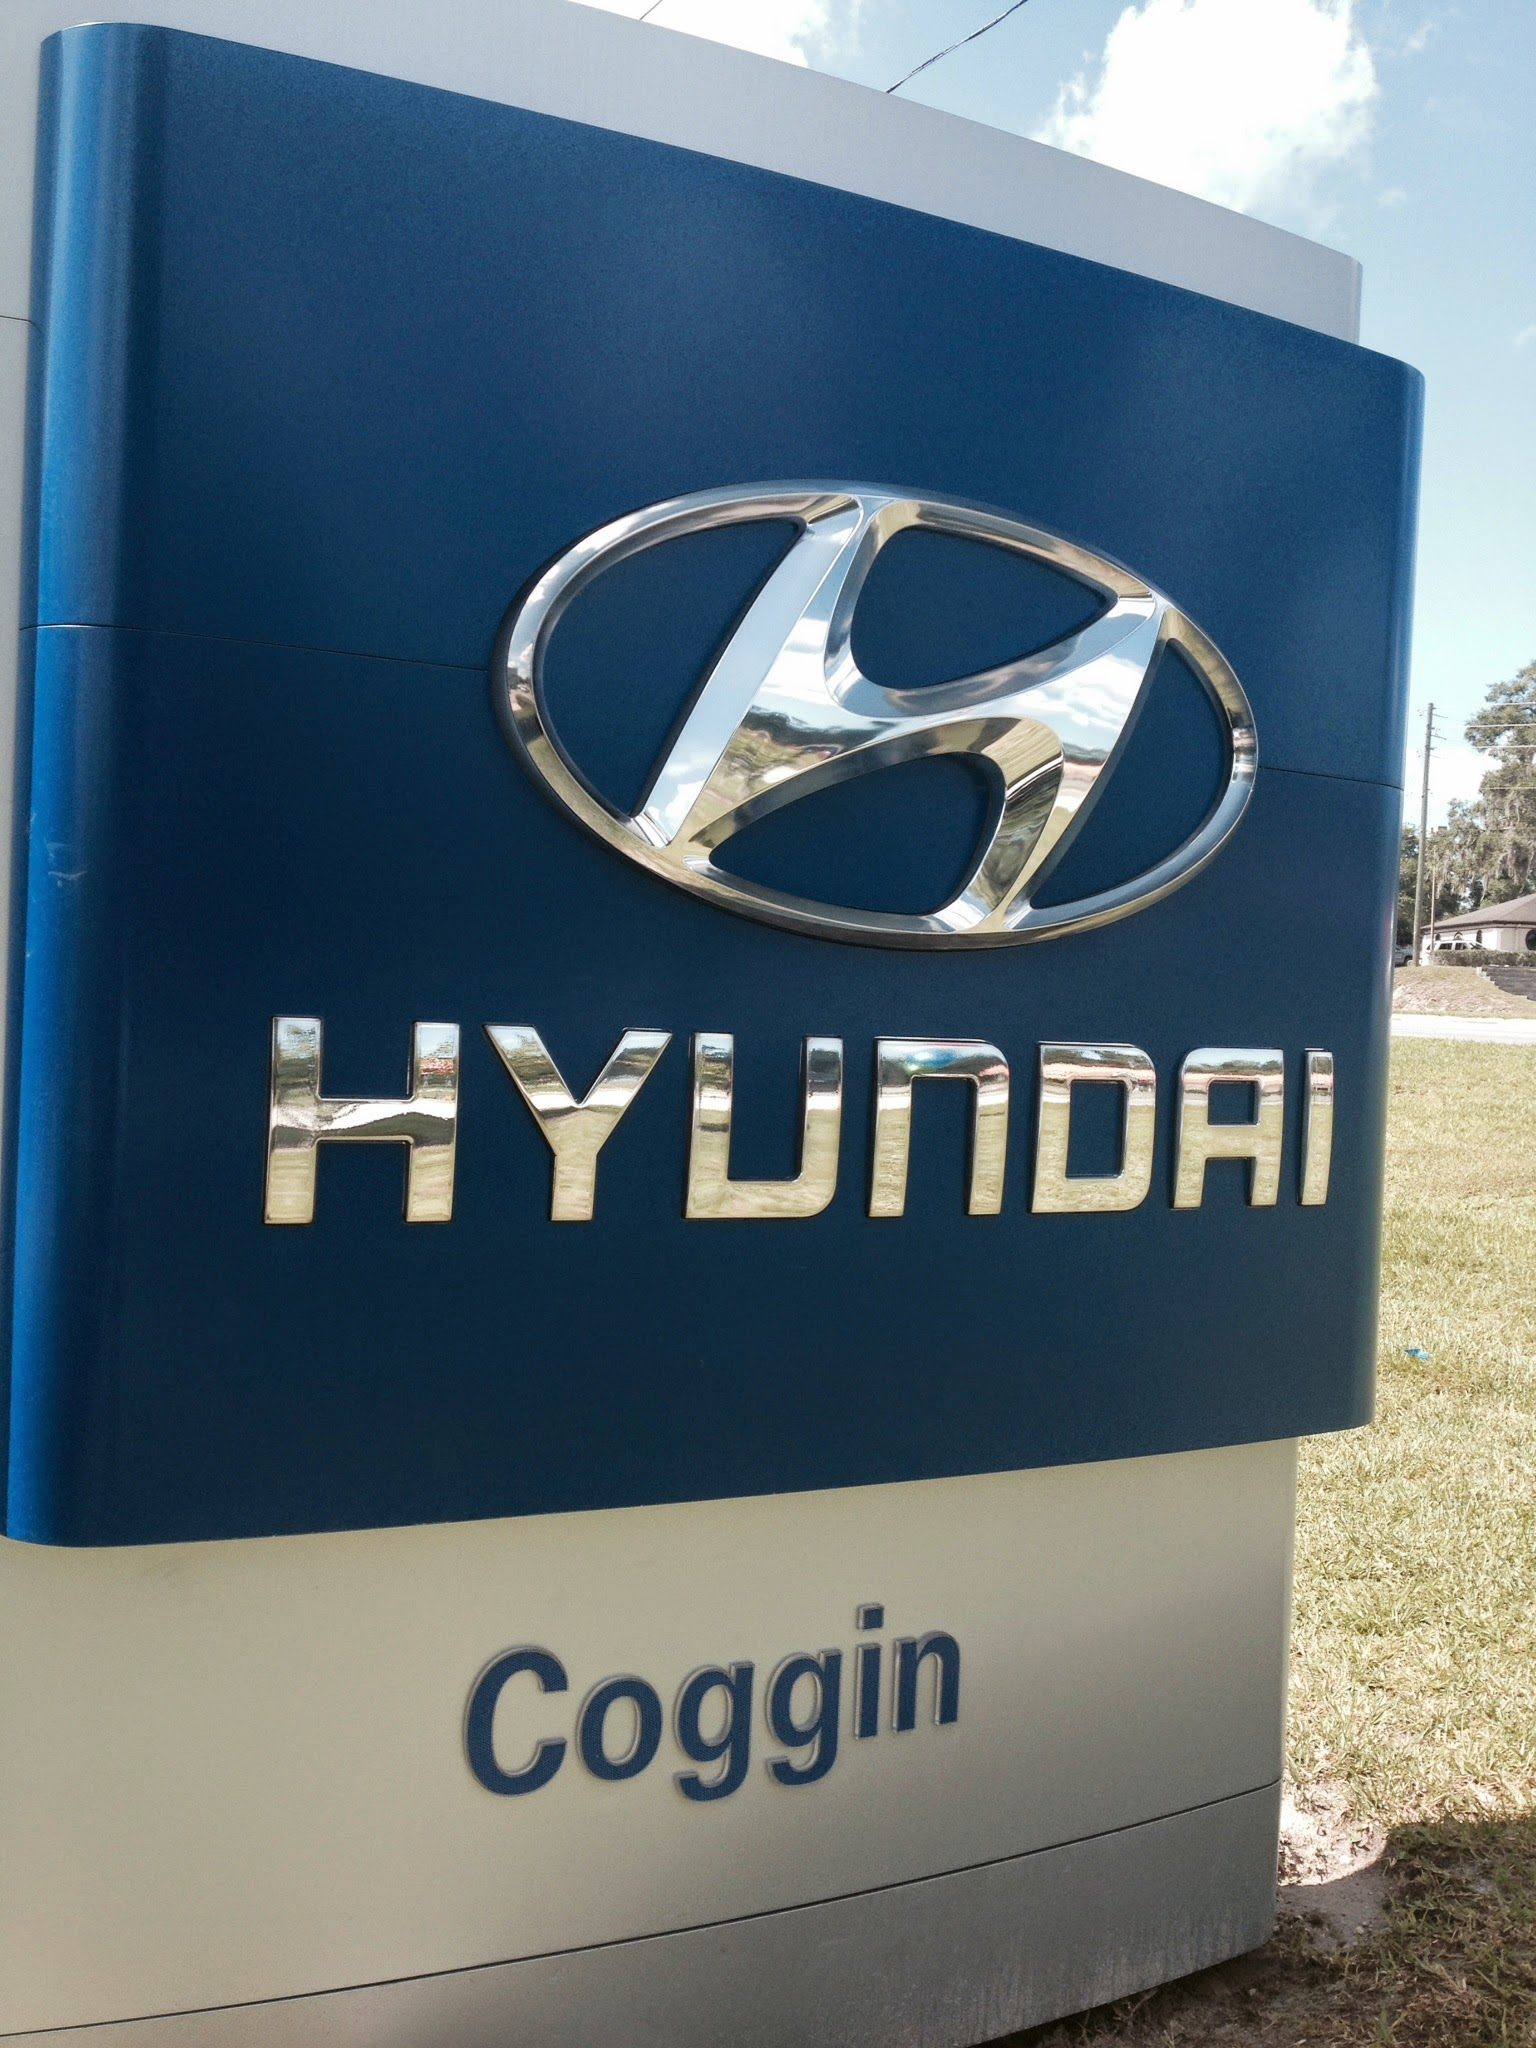 Coggin Deland Hyundai image 13